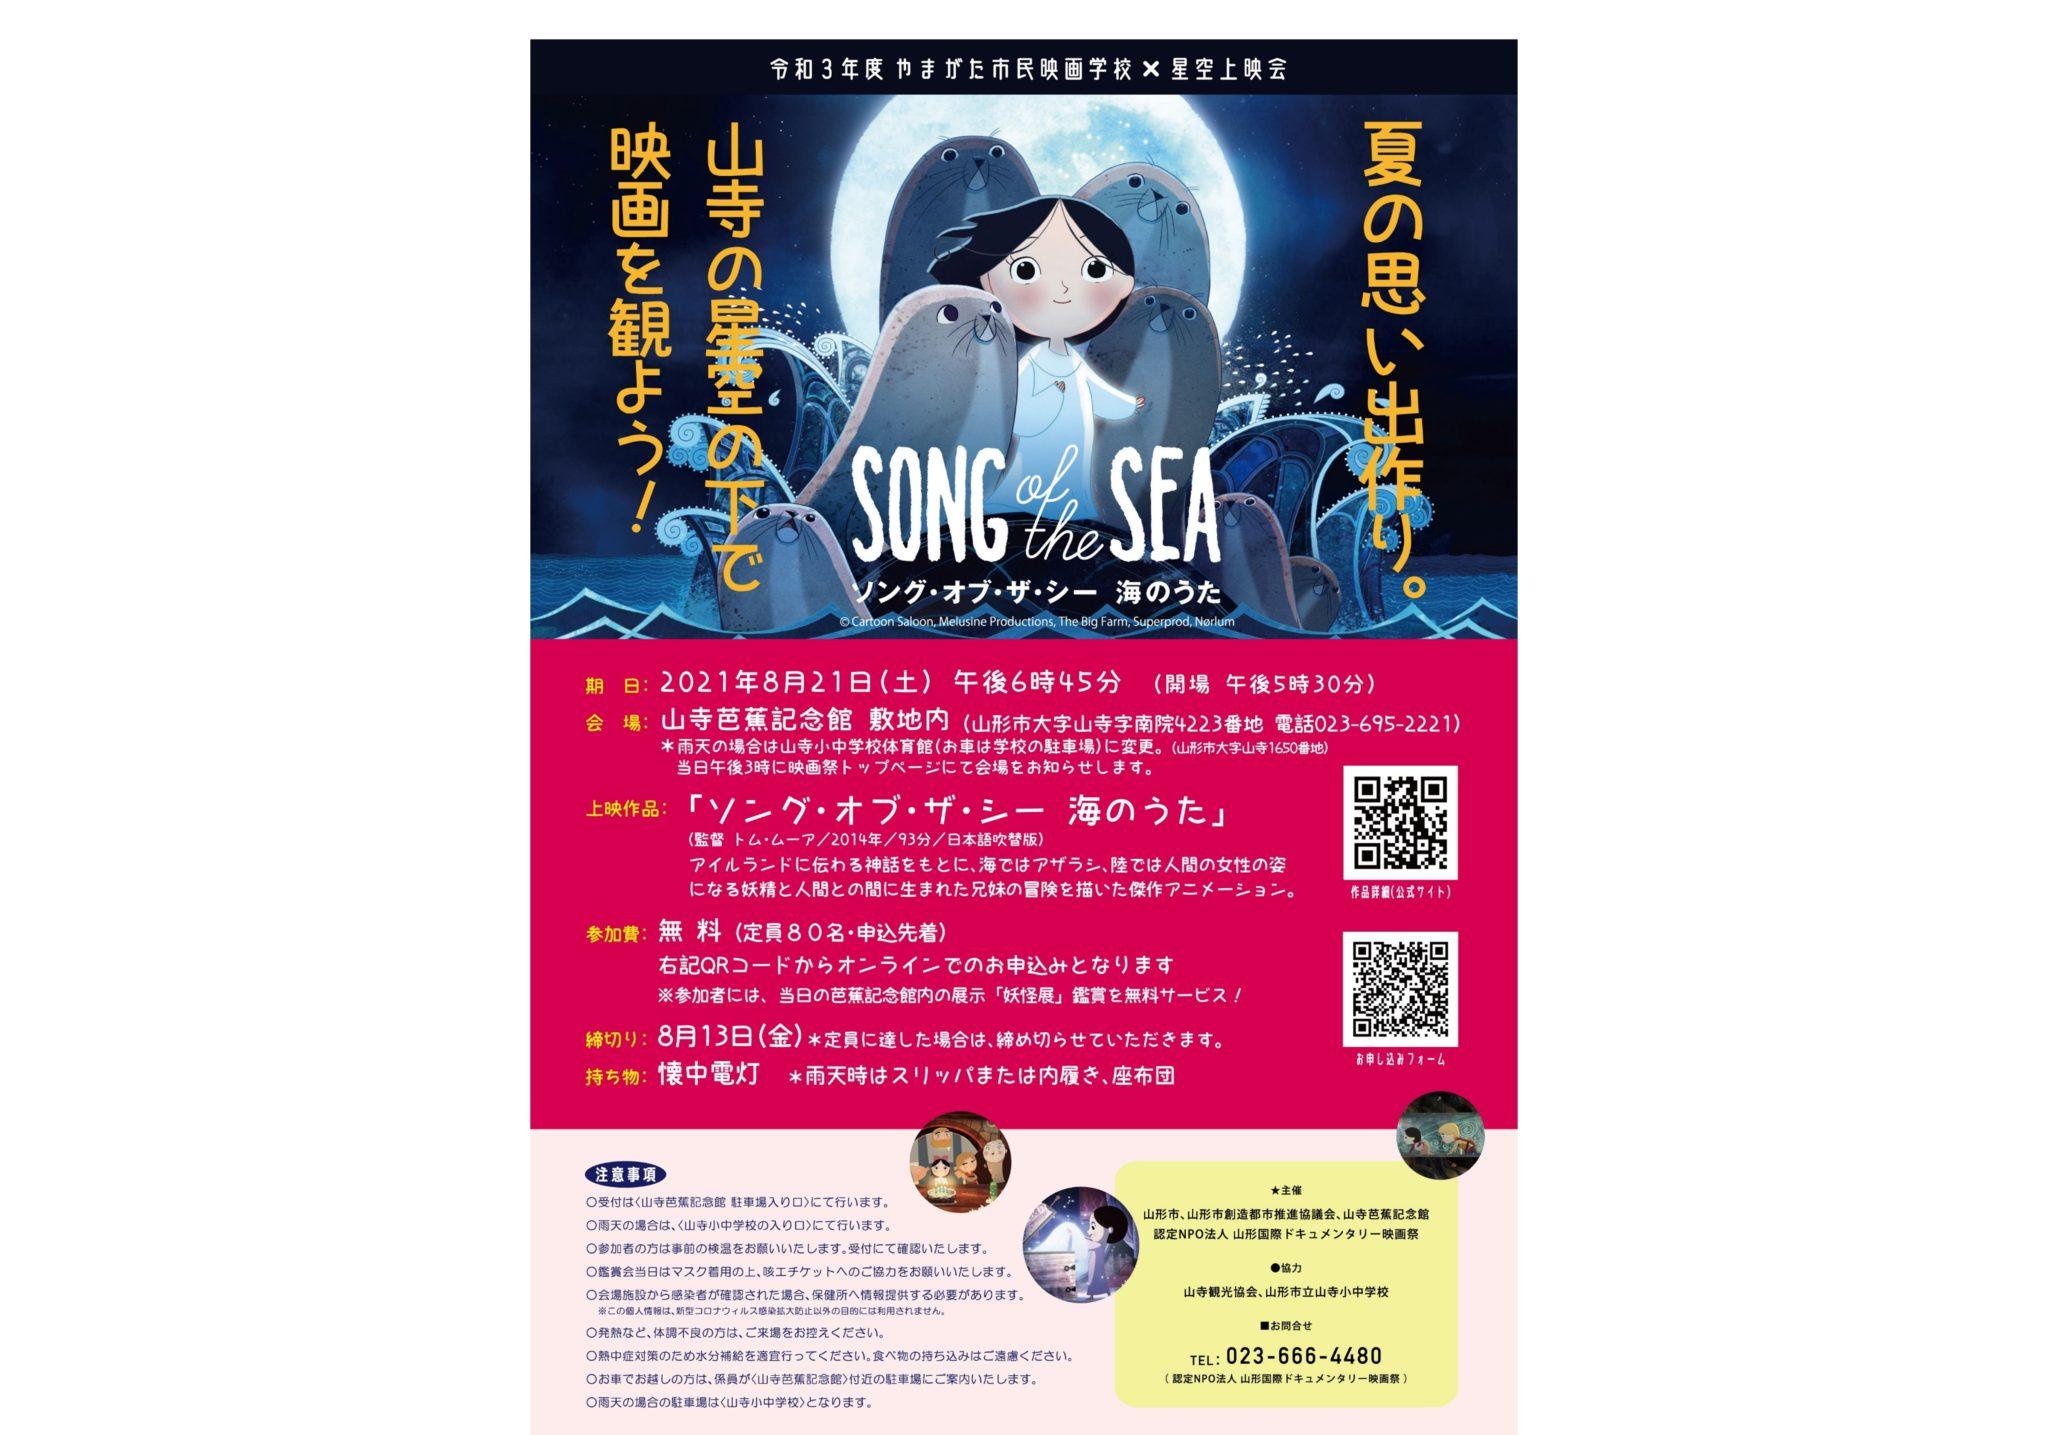 やまがた市民映画学校×星空上映会 映画「ソング・オブ・ザ・シー海のうた」